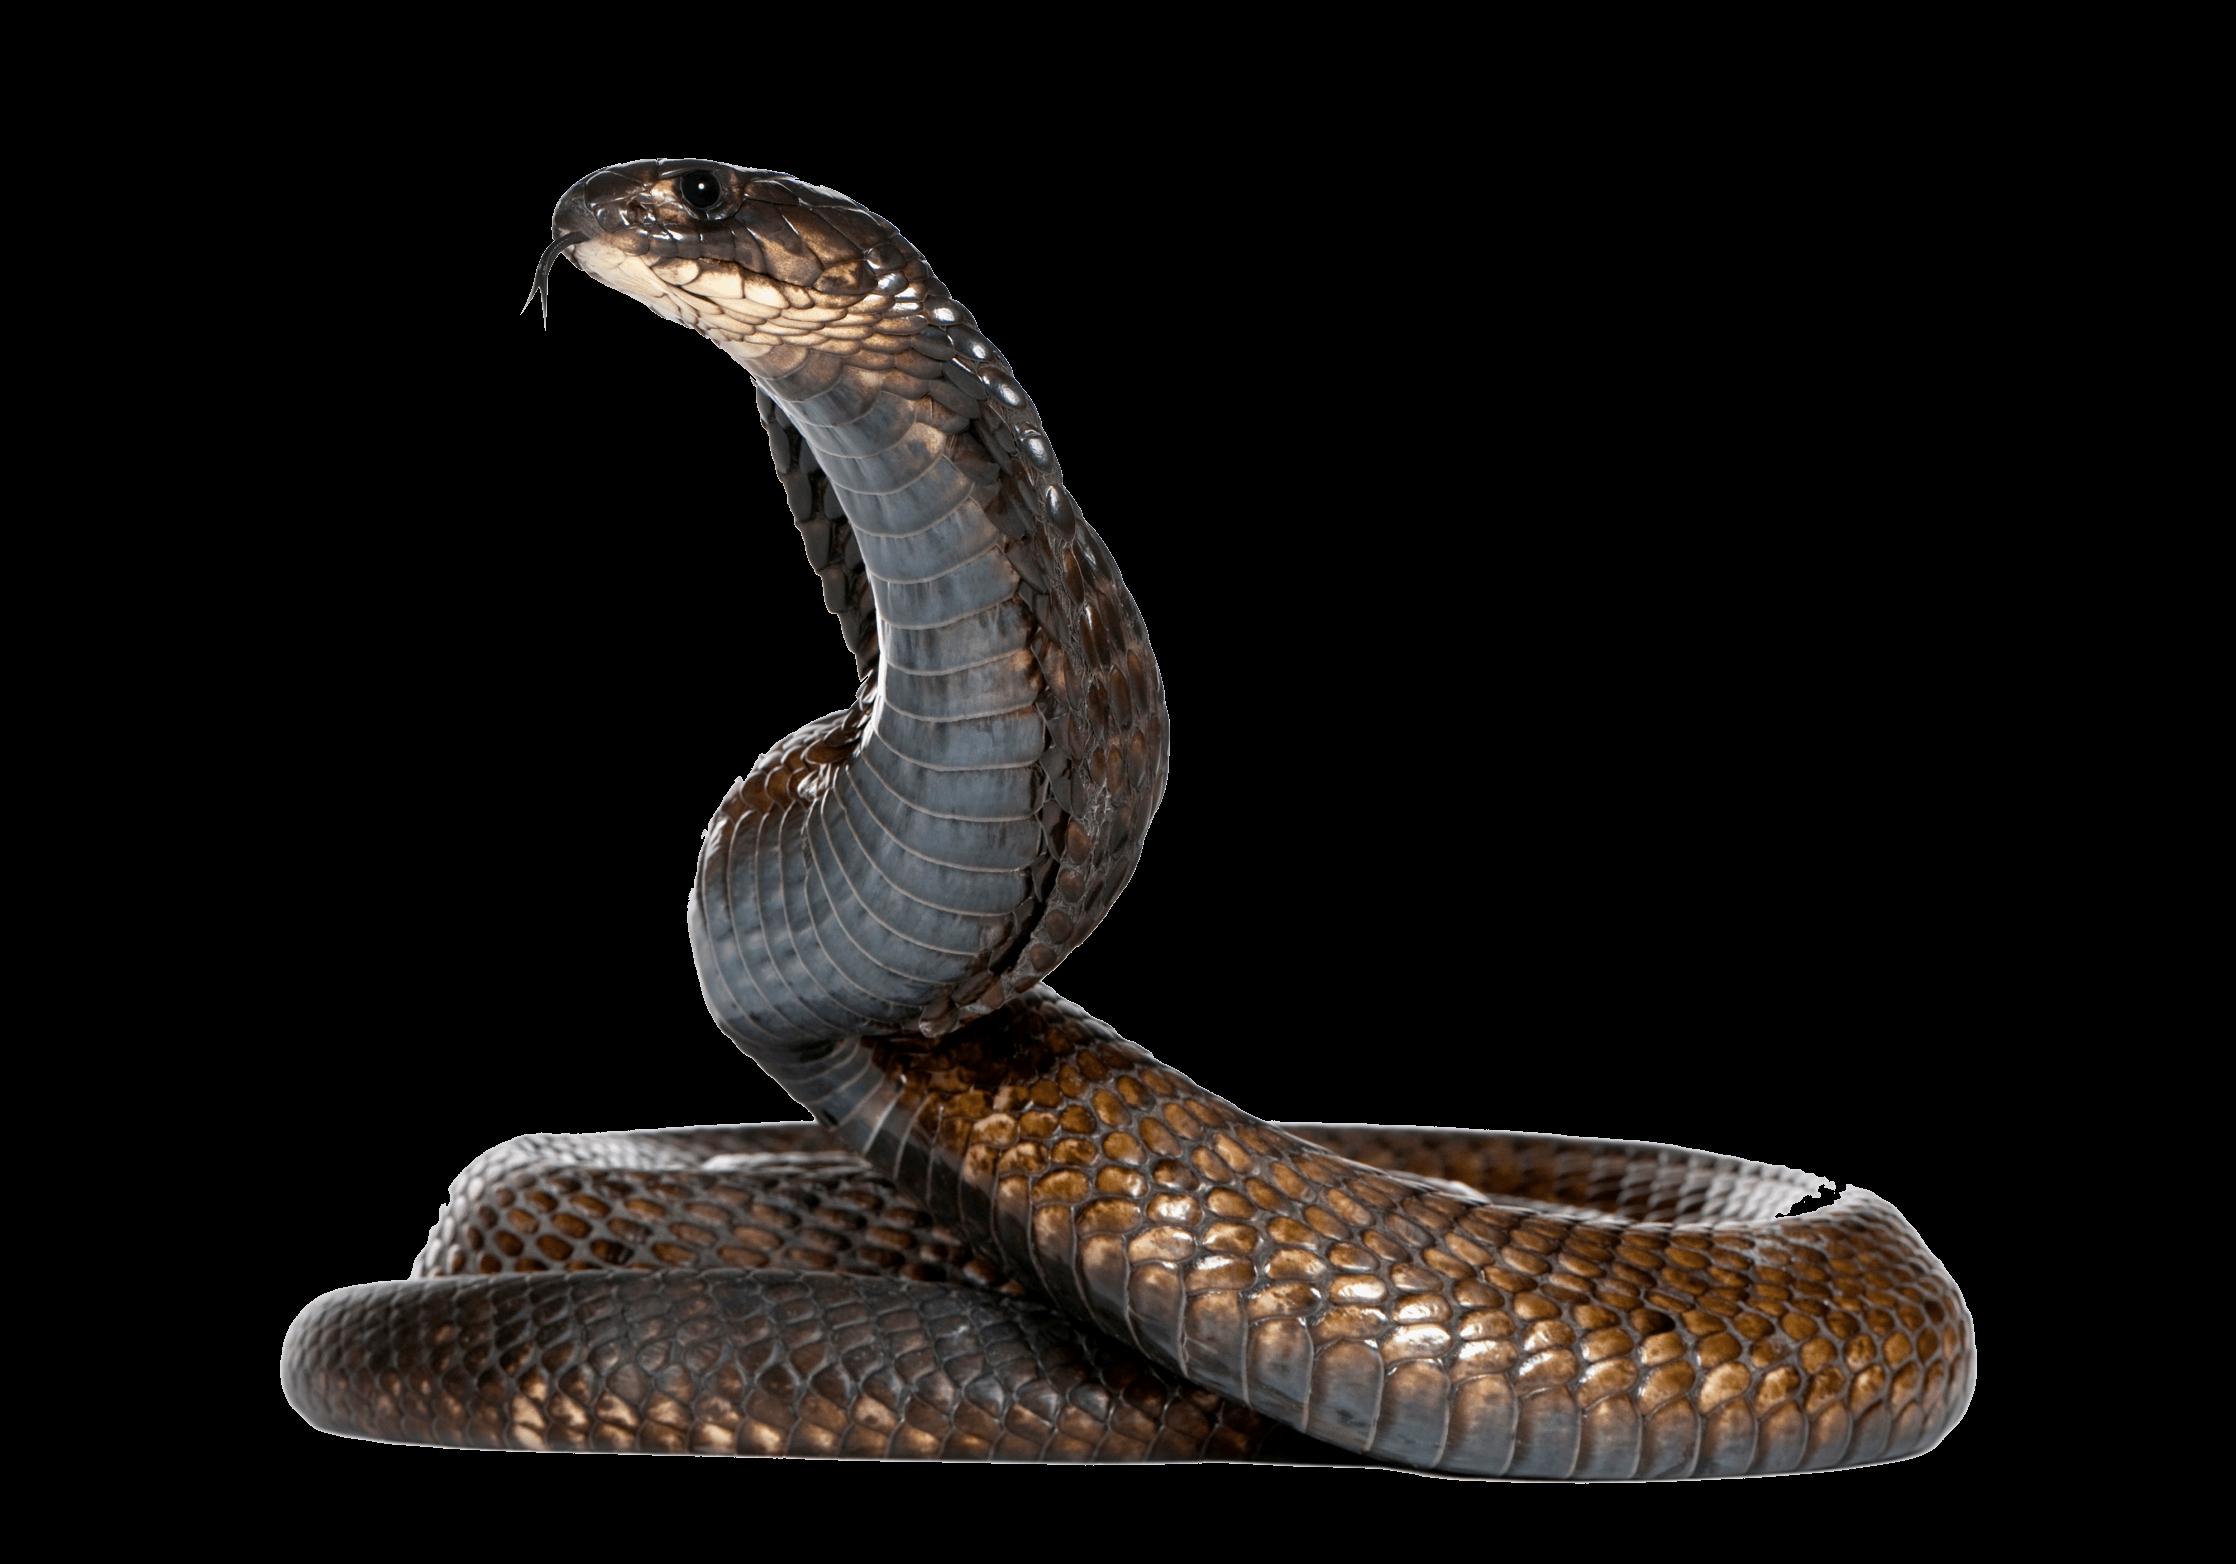 Cobra Snake Png Image Png Image - Snake, Transparent background PNG HD thumbnail